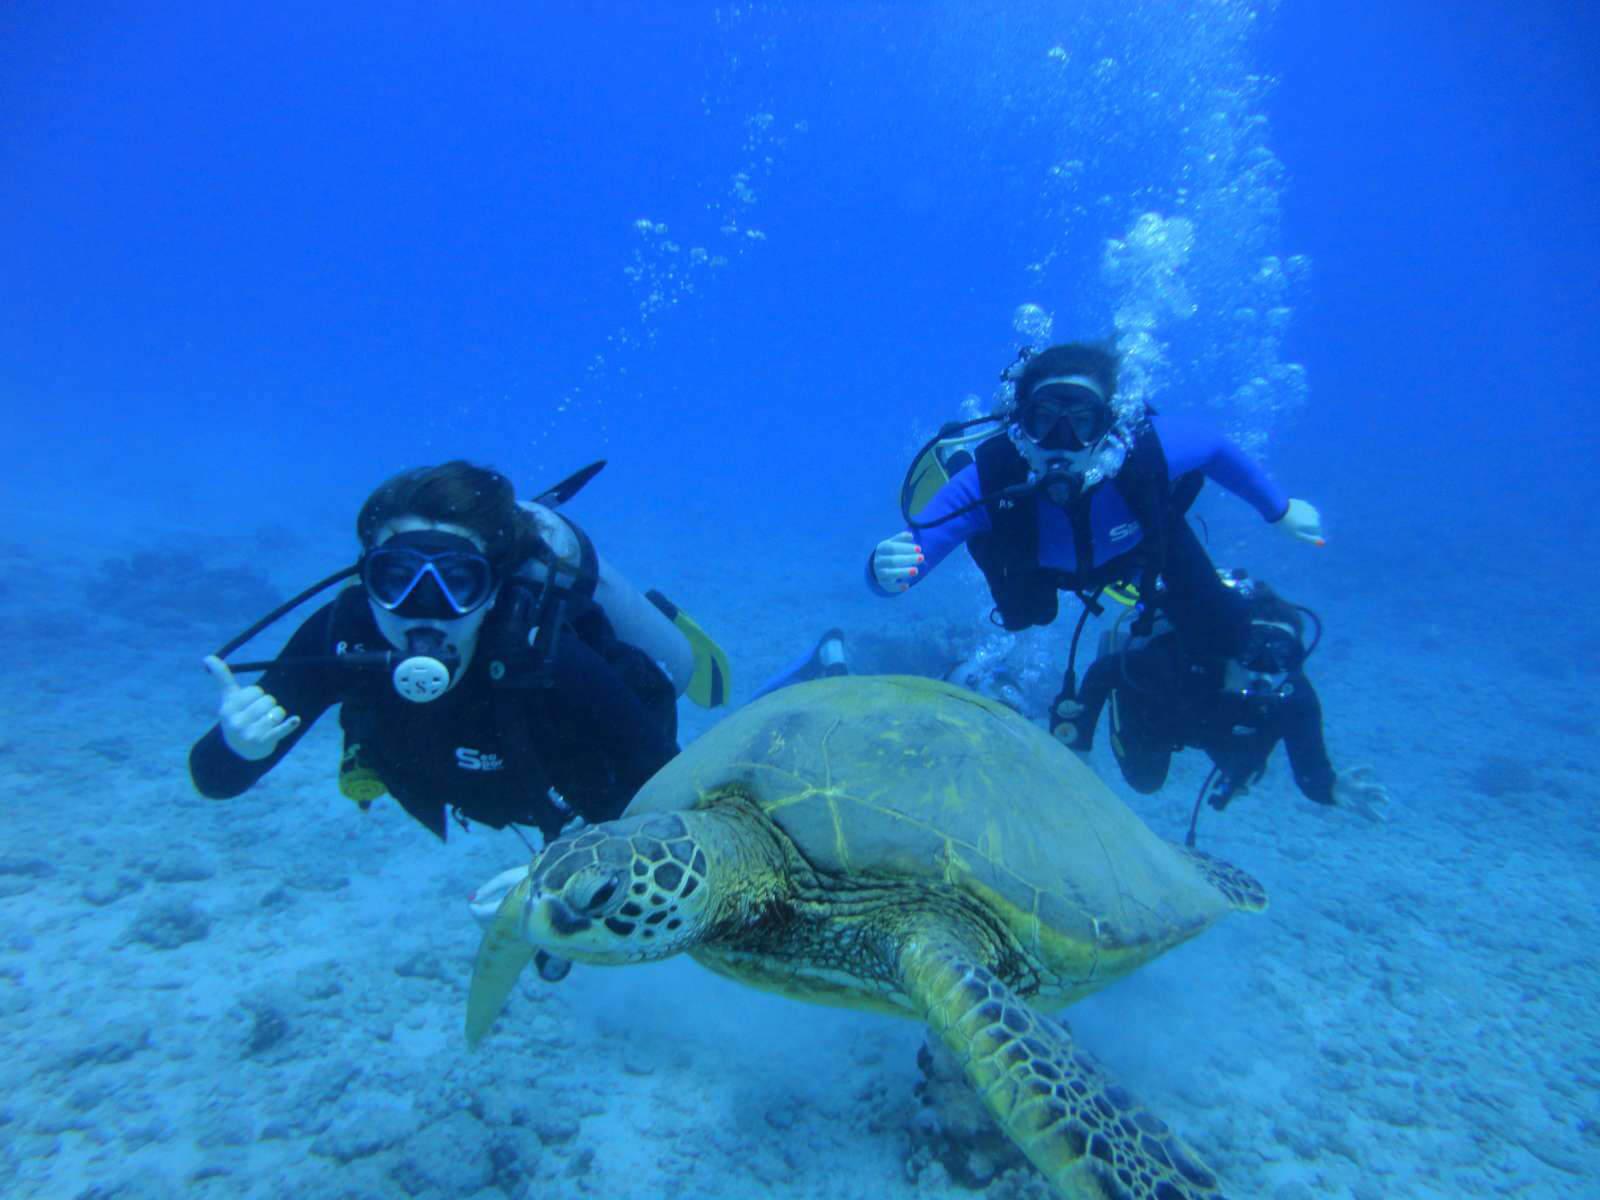 scuba diving in hawaii #0